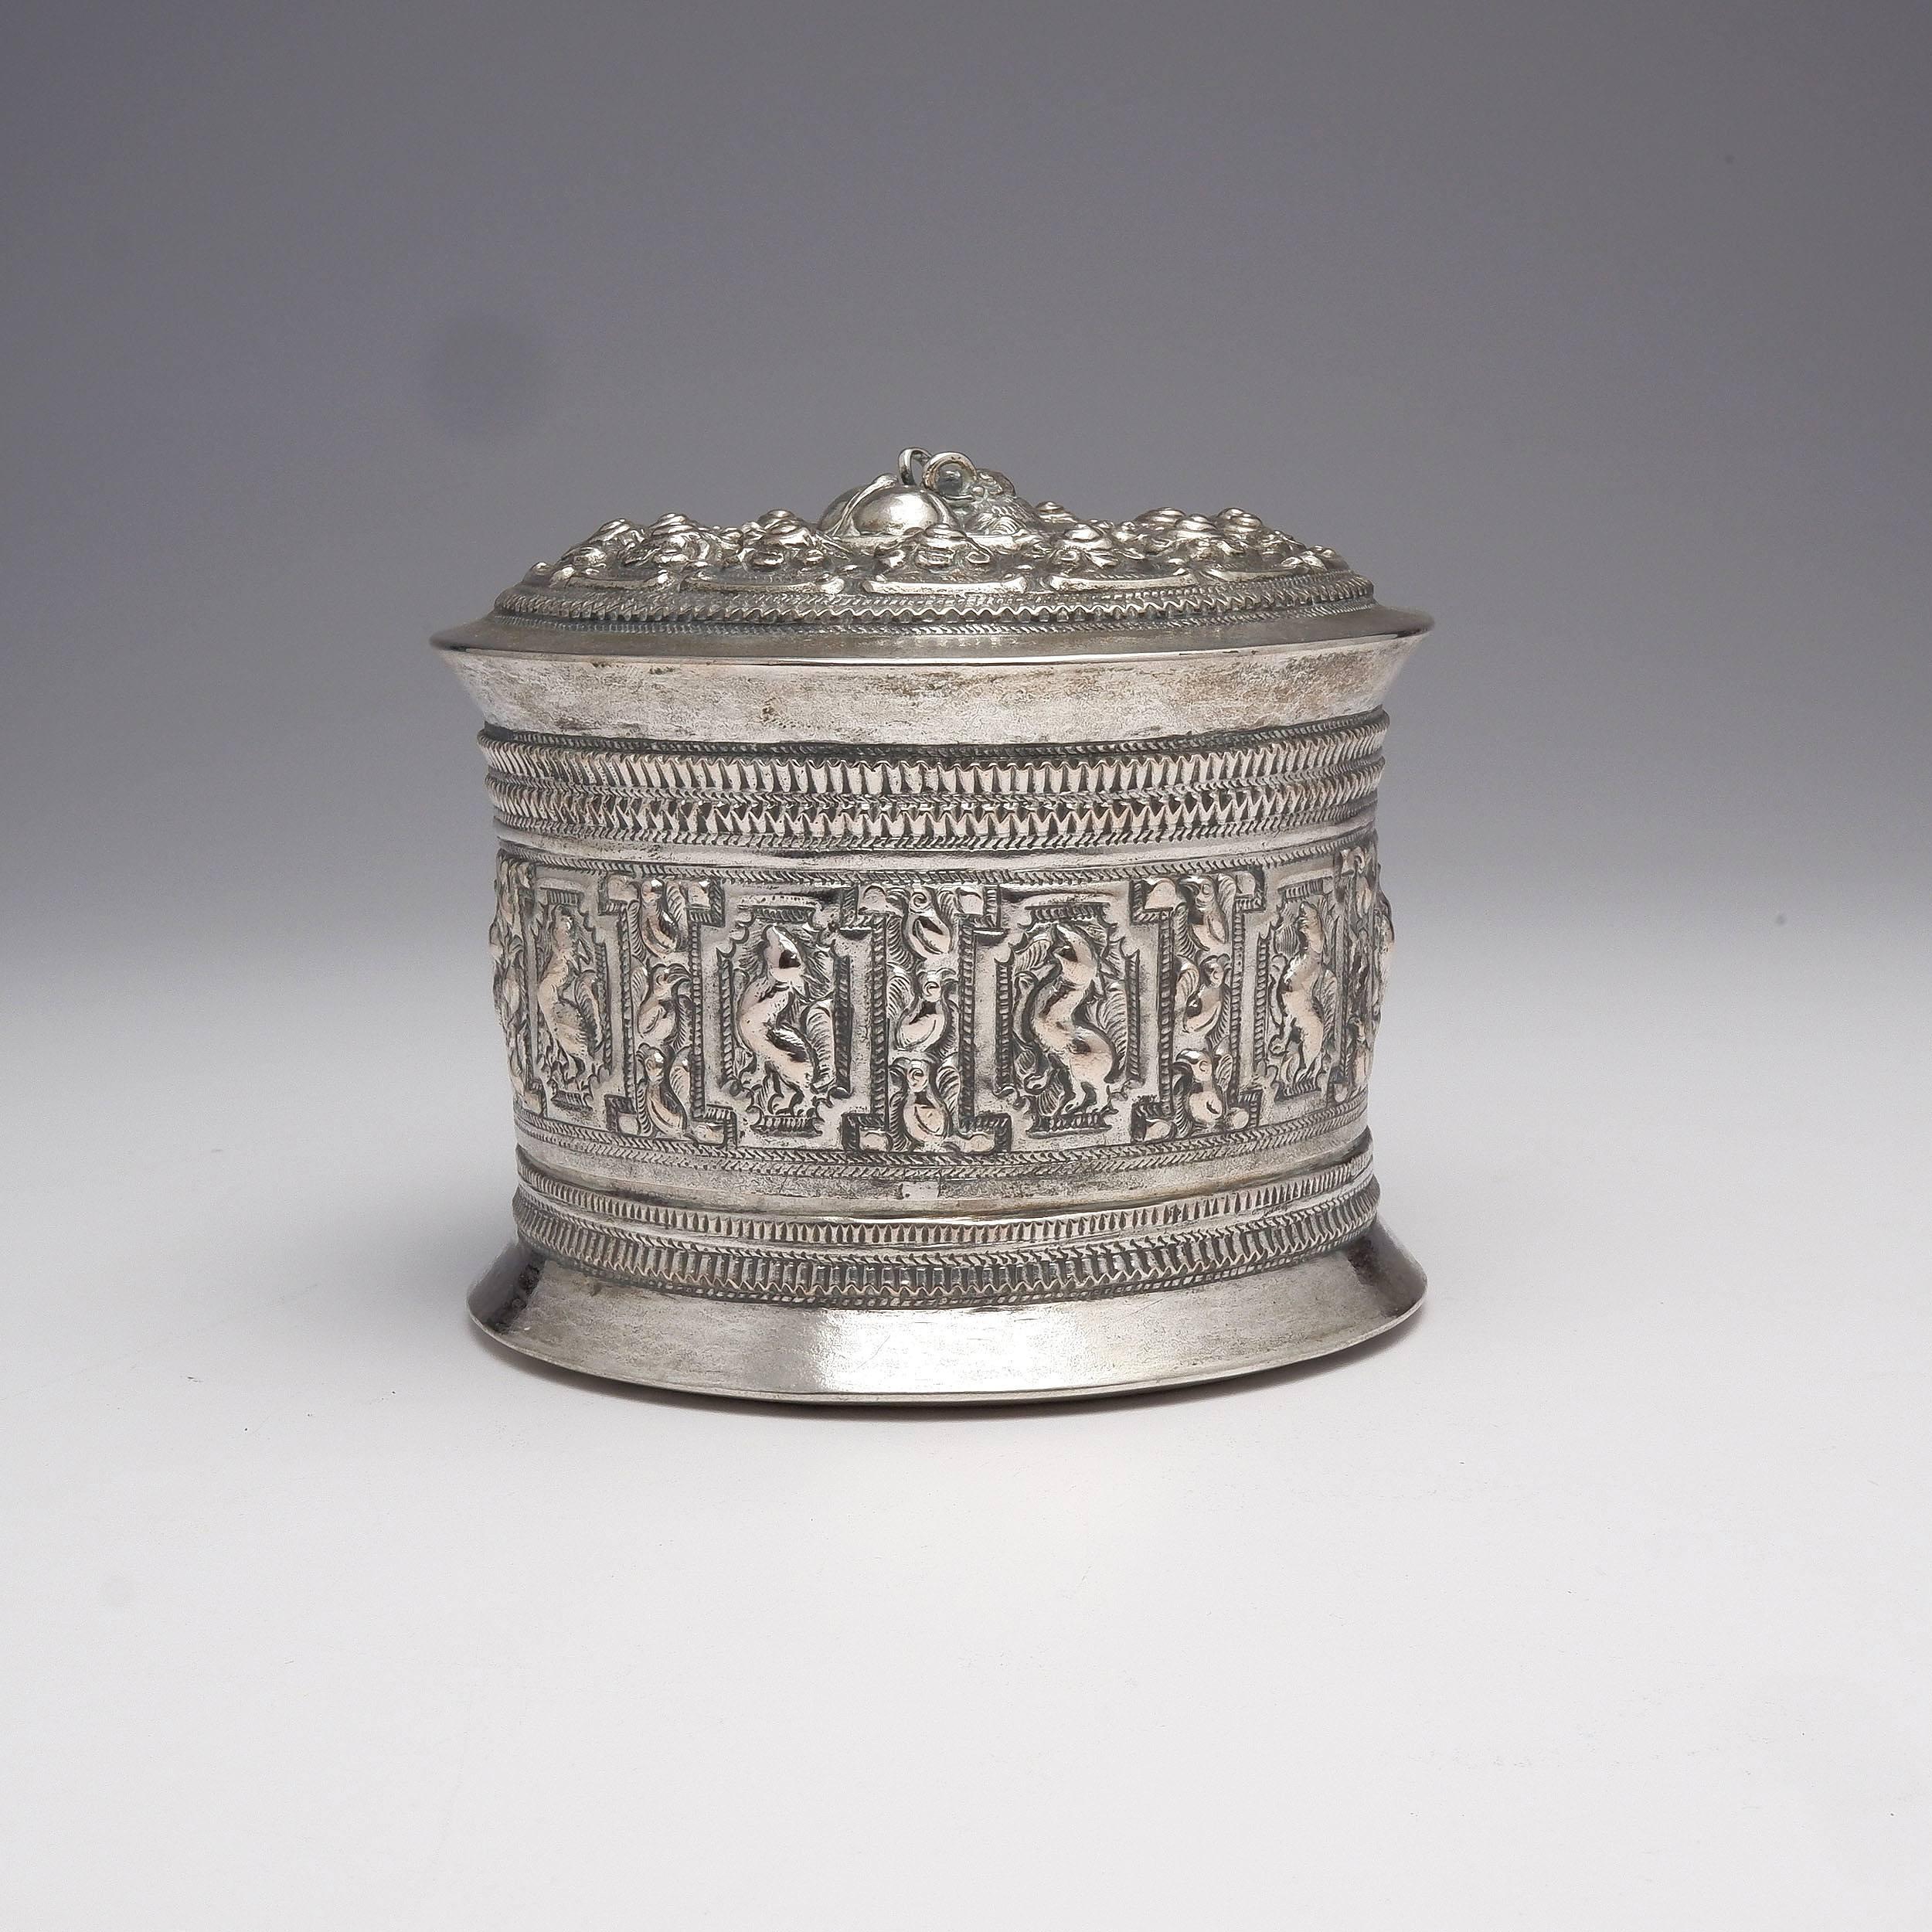 'Burmese Heavily Repousse Silver Box, 420g'